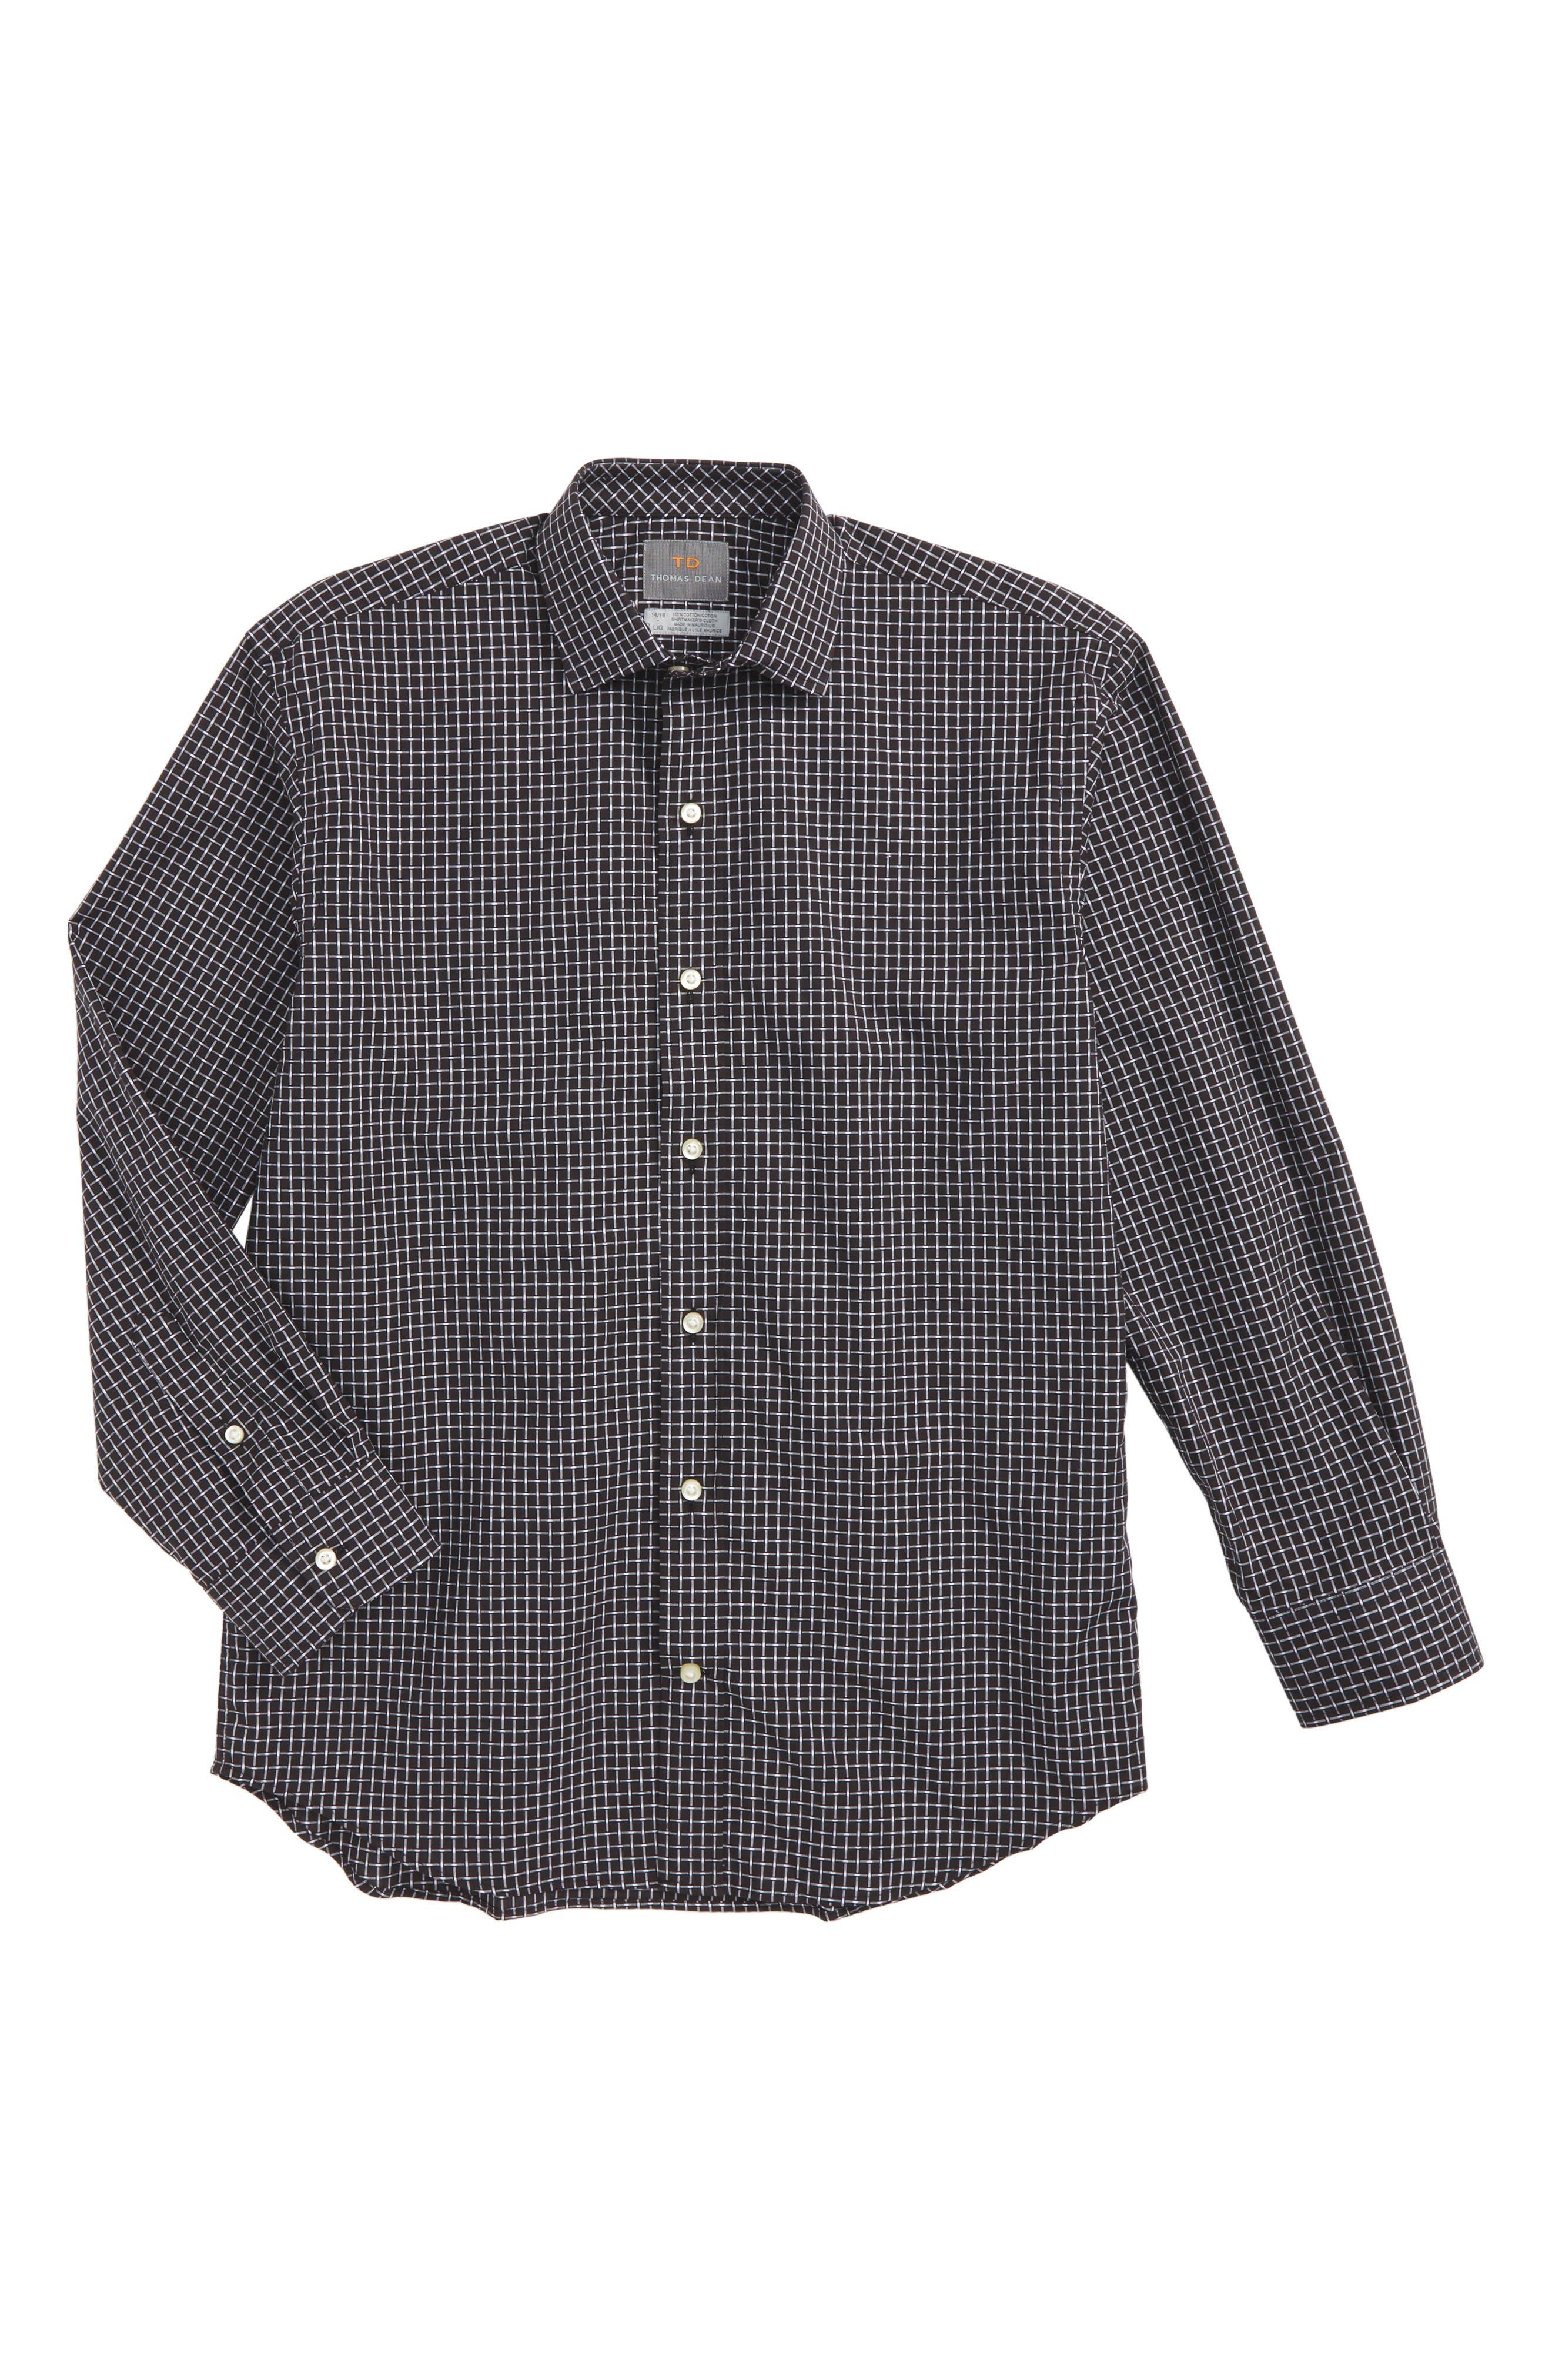 Check Dress Shirt,                             Main thumbnail 1, color,                             020